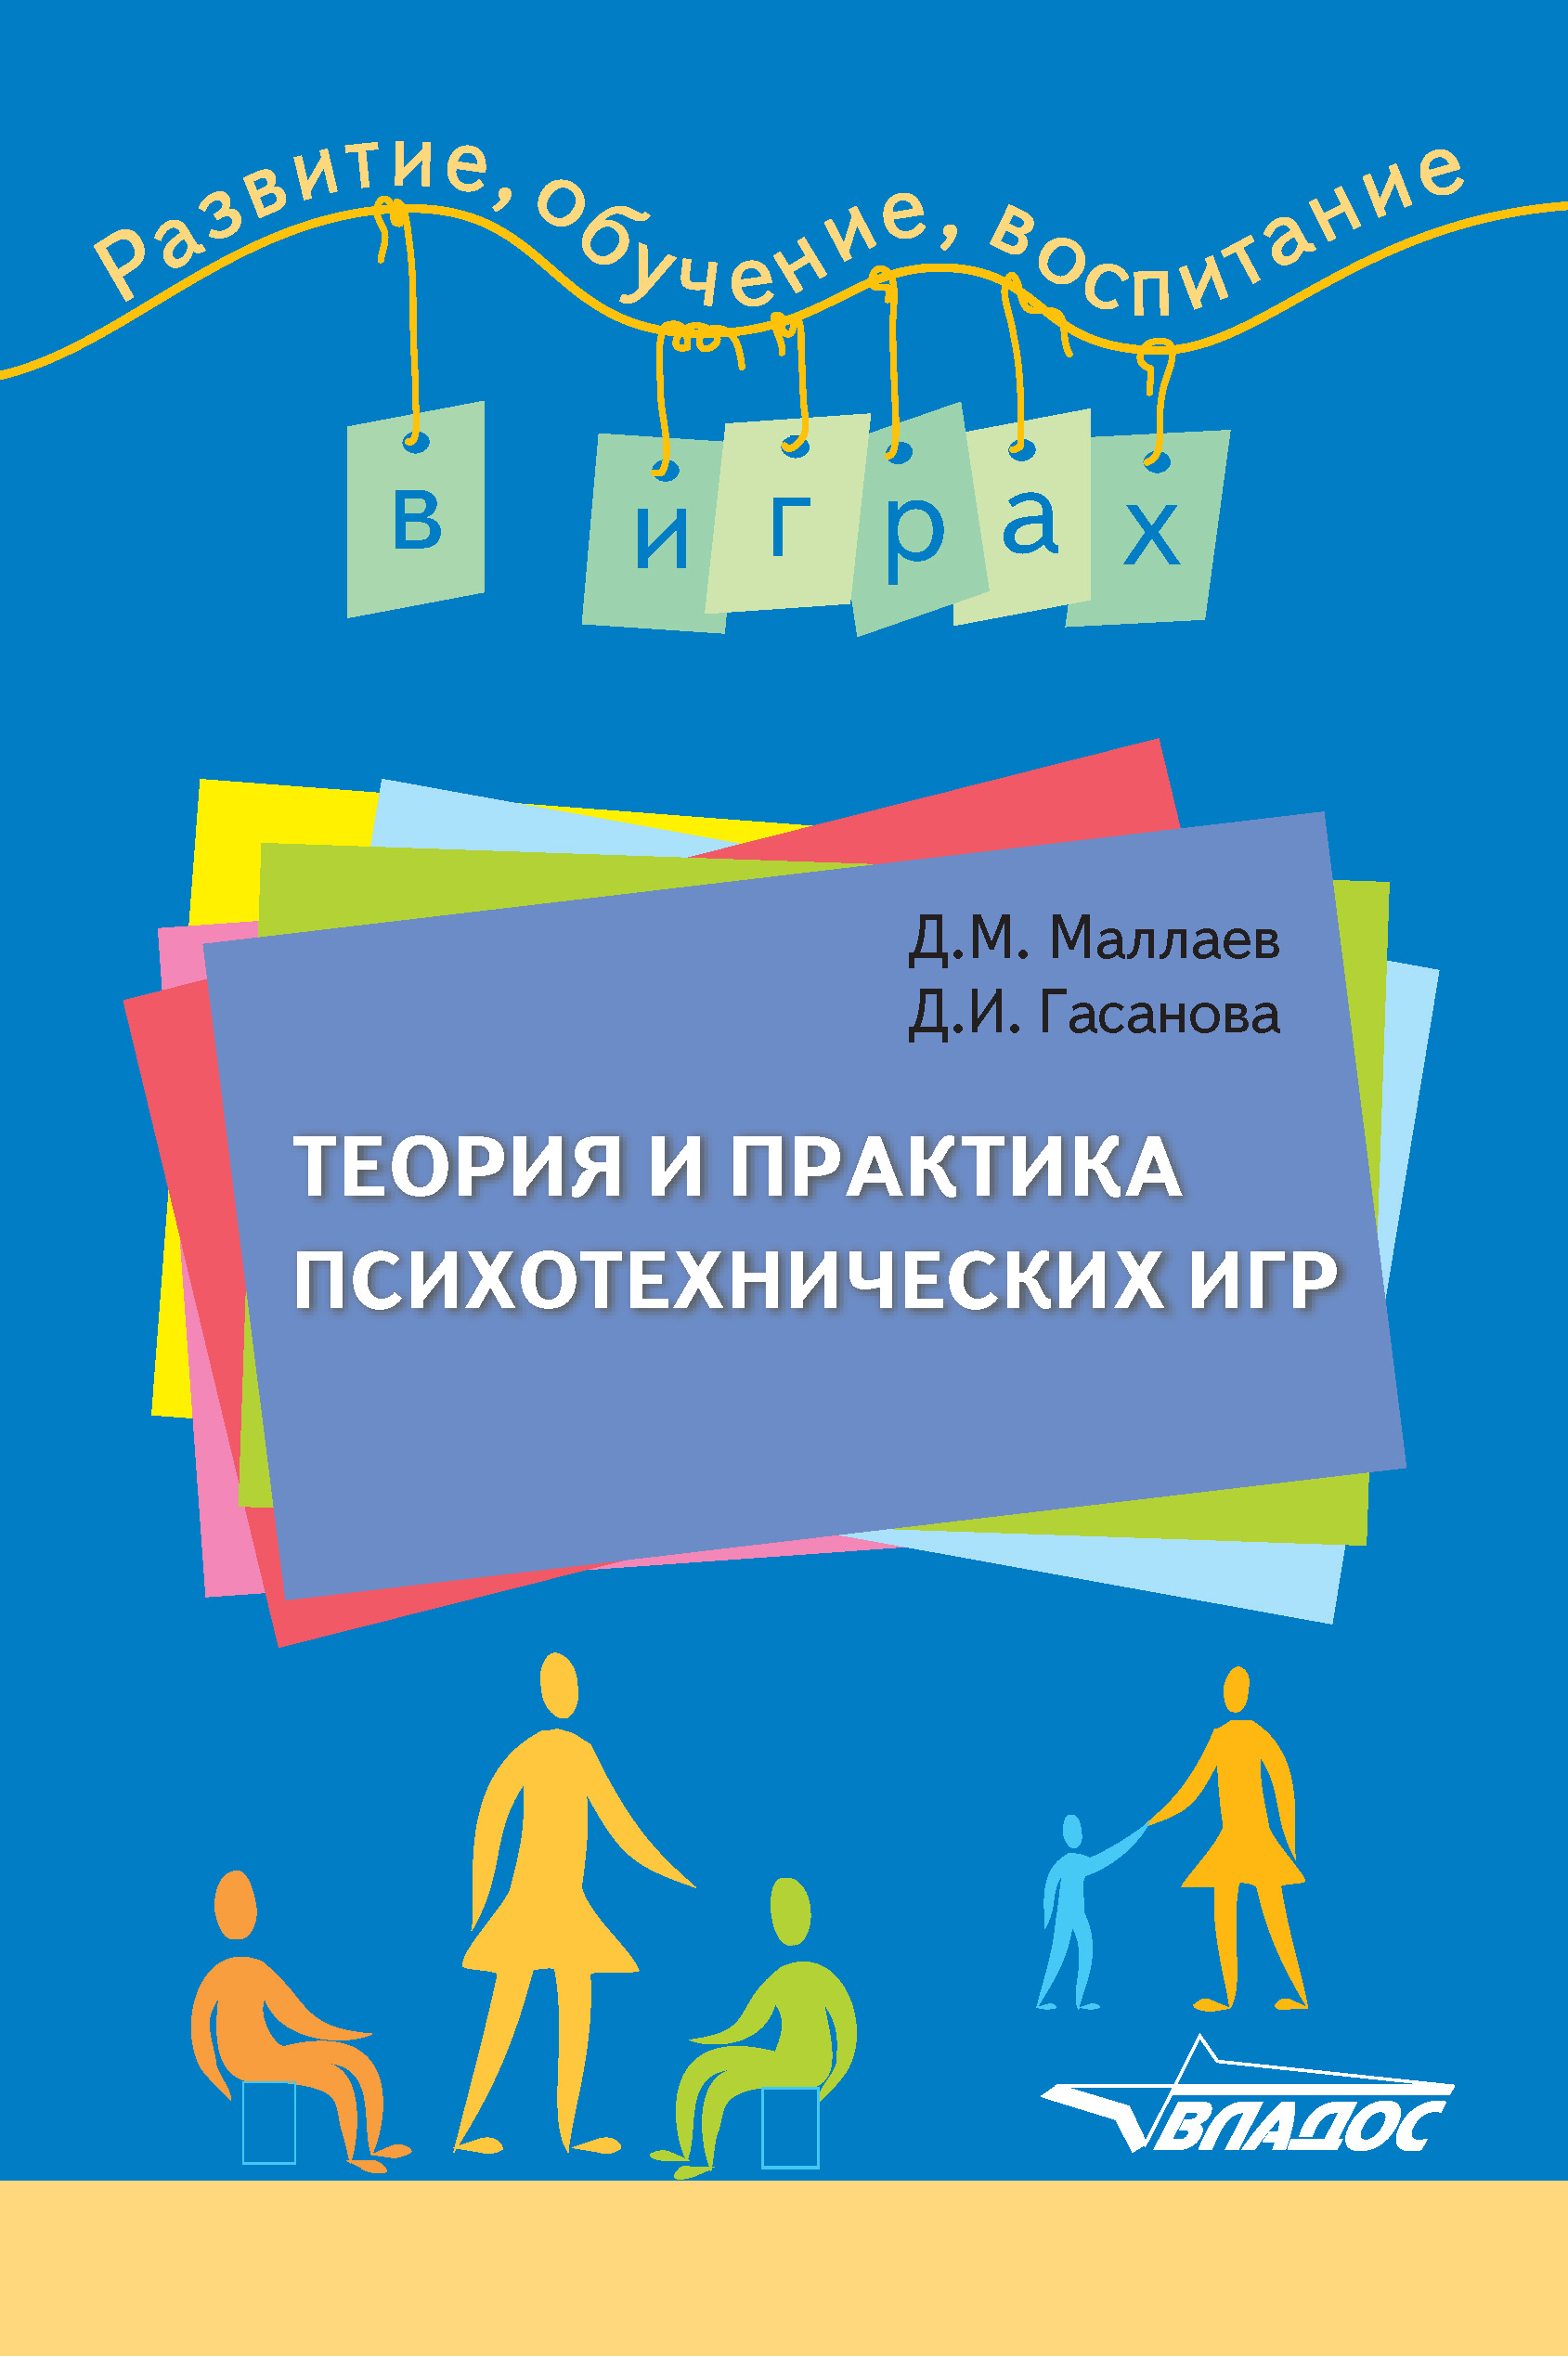 Джафар Маллаев Теория и практика психотехнических игр теория и практика психотехнических игр учебное методическое пособие